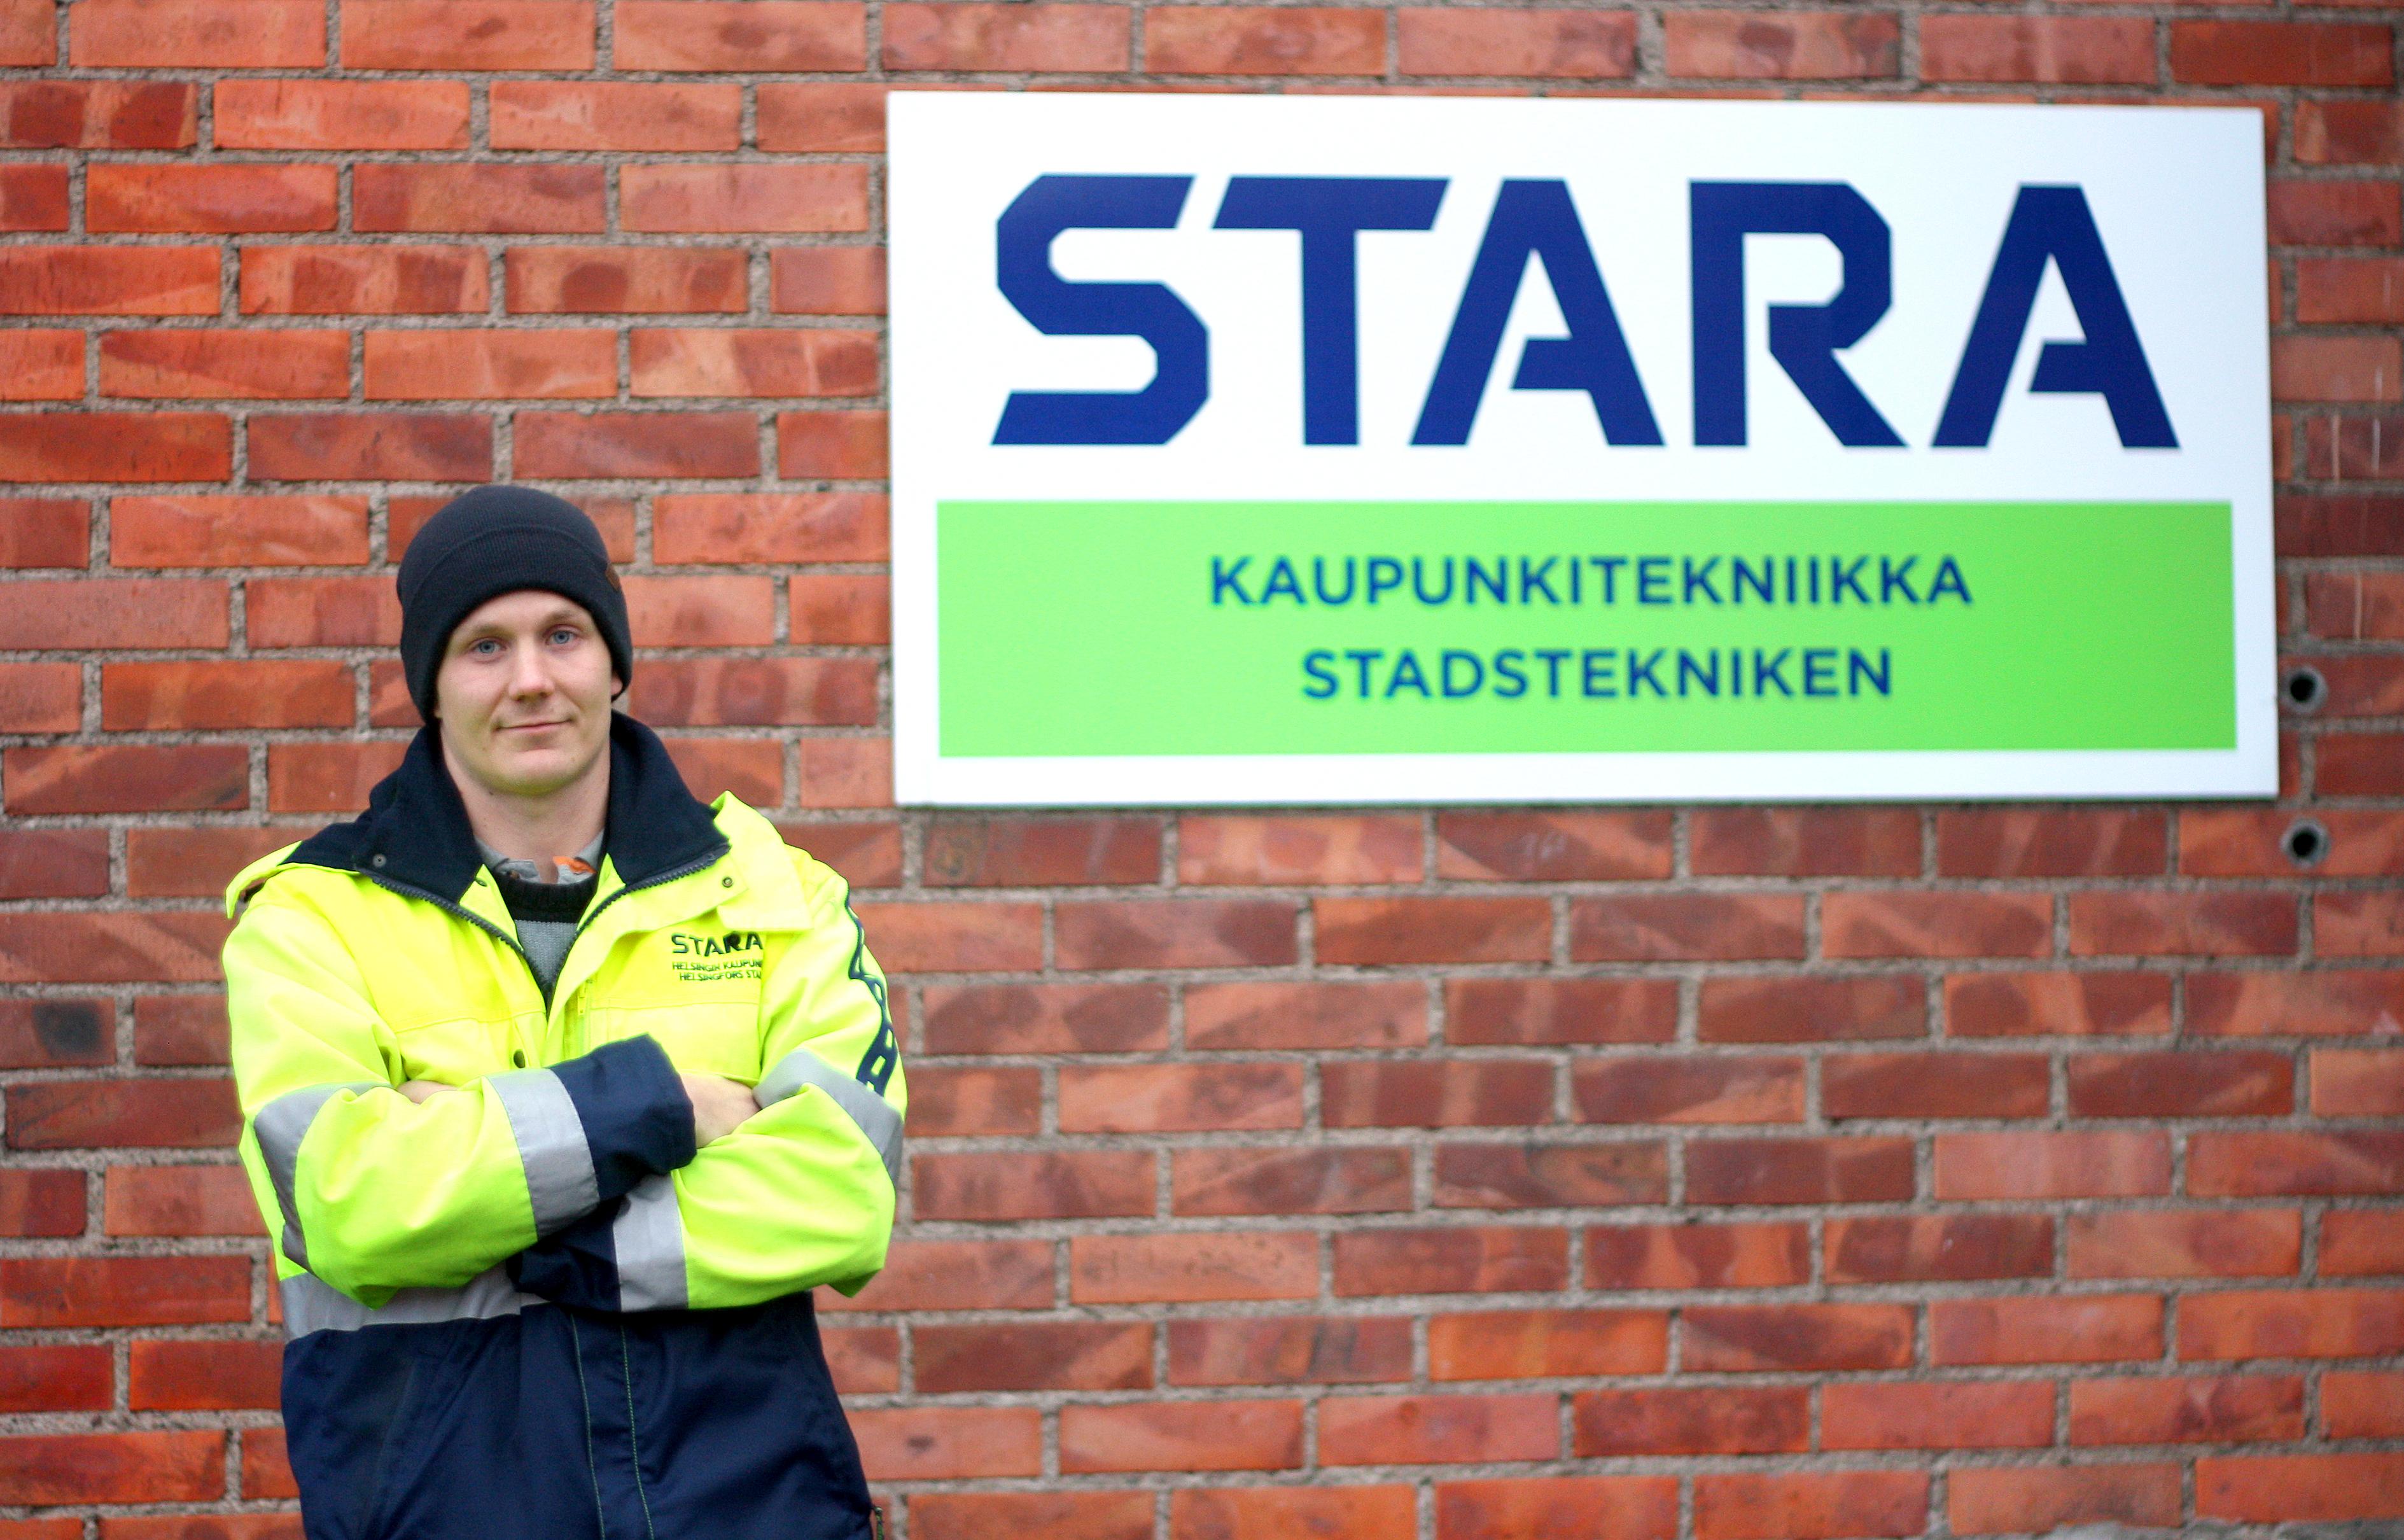 Henri Koskelainen oli rakennusmestarikoulutuksessa, mutta meni kesätöihin lapiohommiin Staralle. - Siitä alkoi uusi ura, hän kertoo.